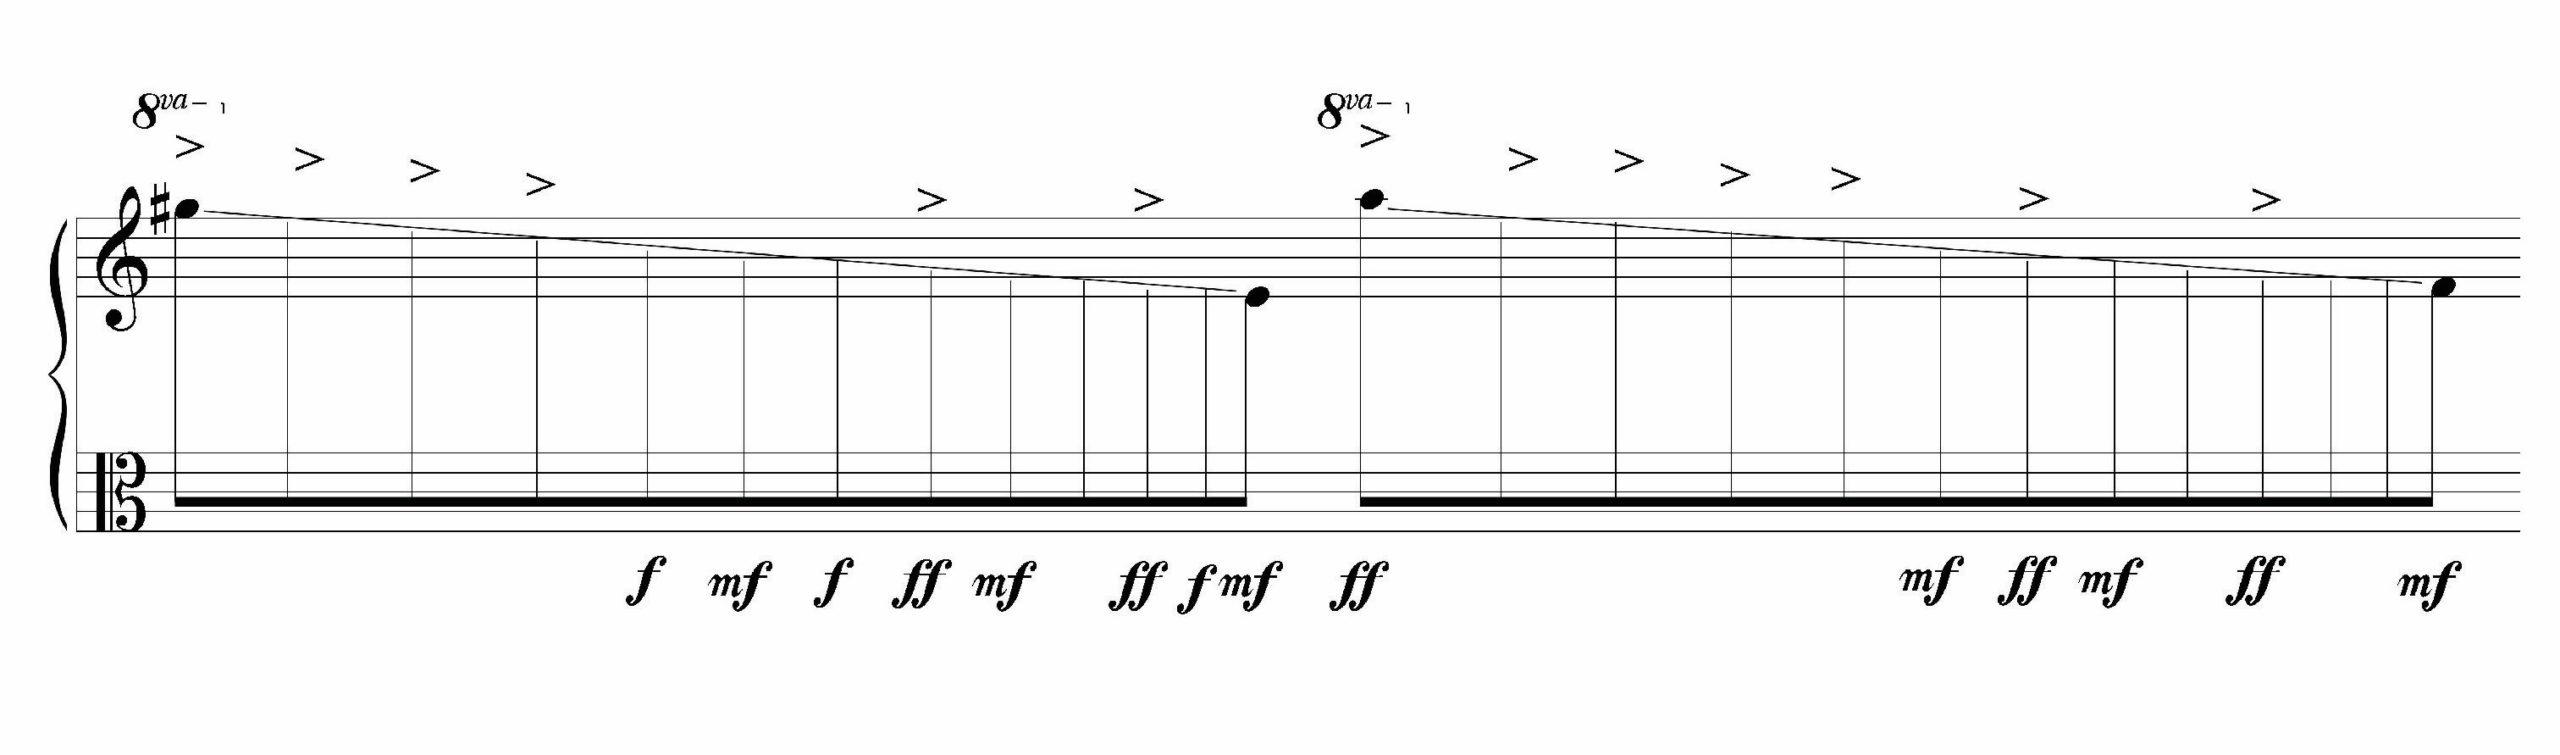 Jakubowski, Example 11